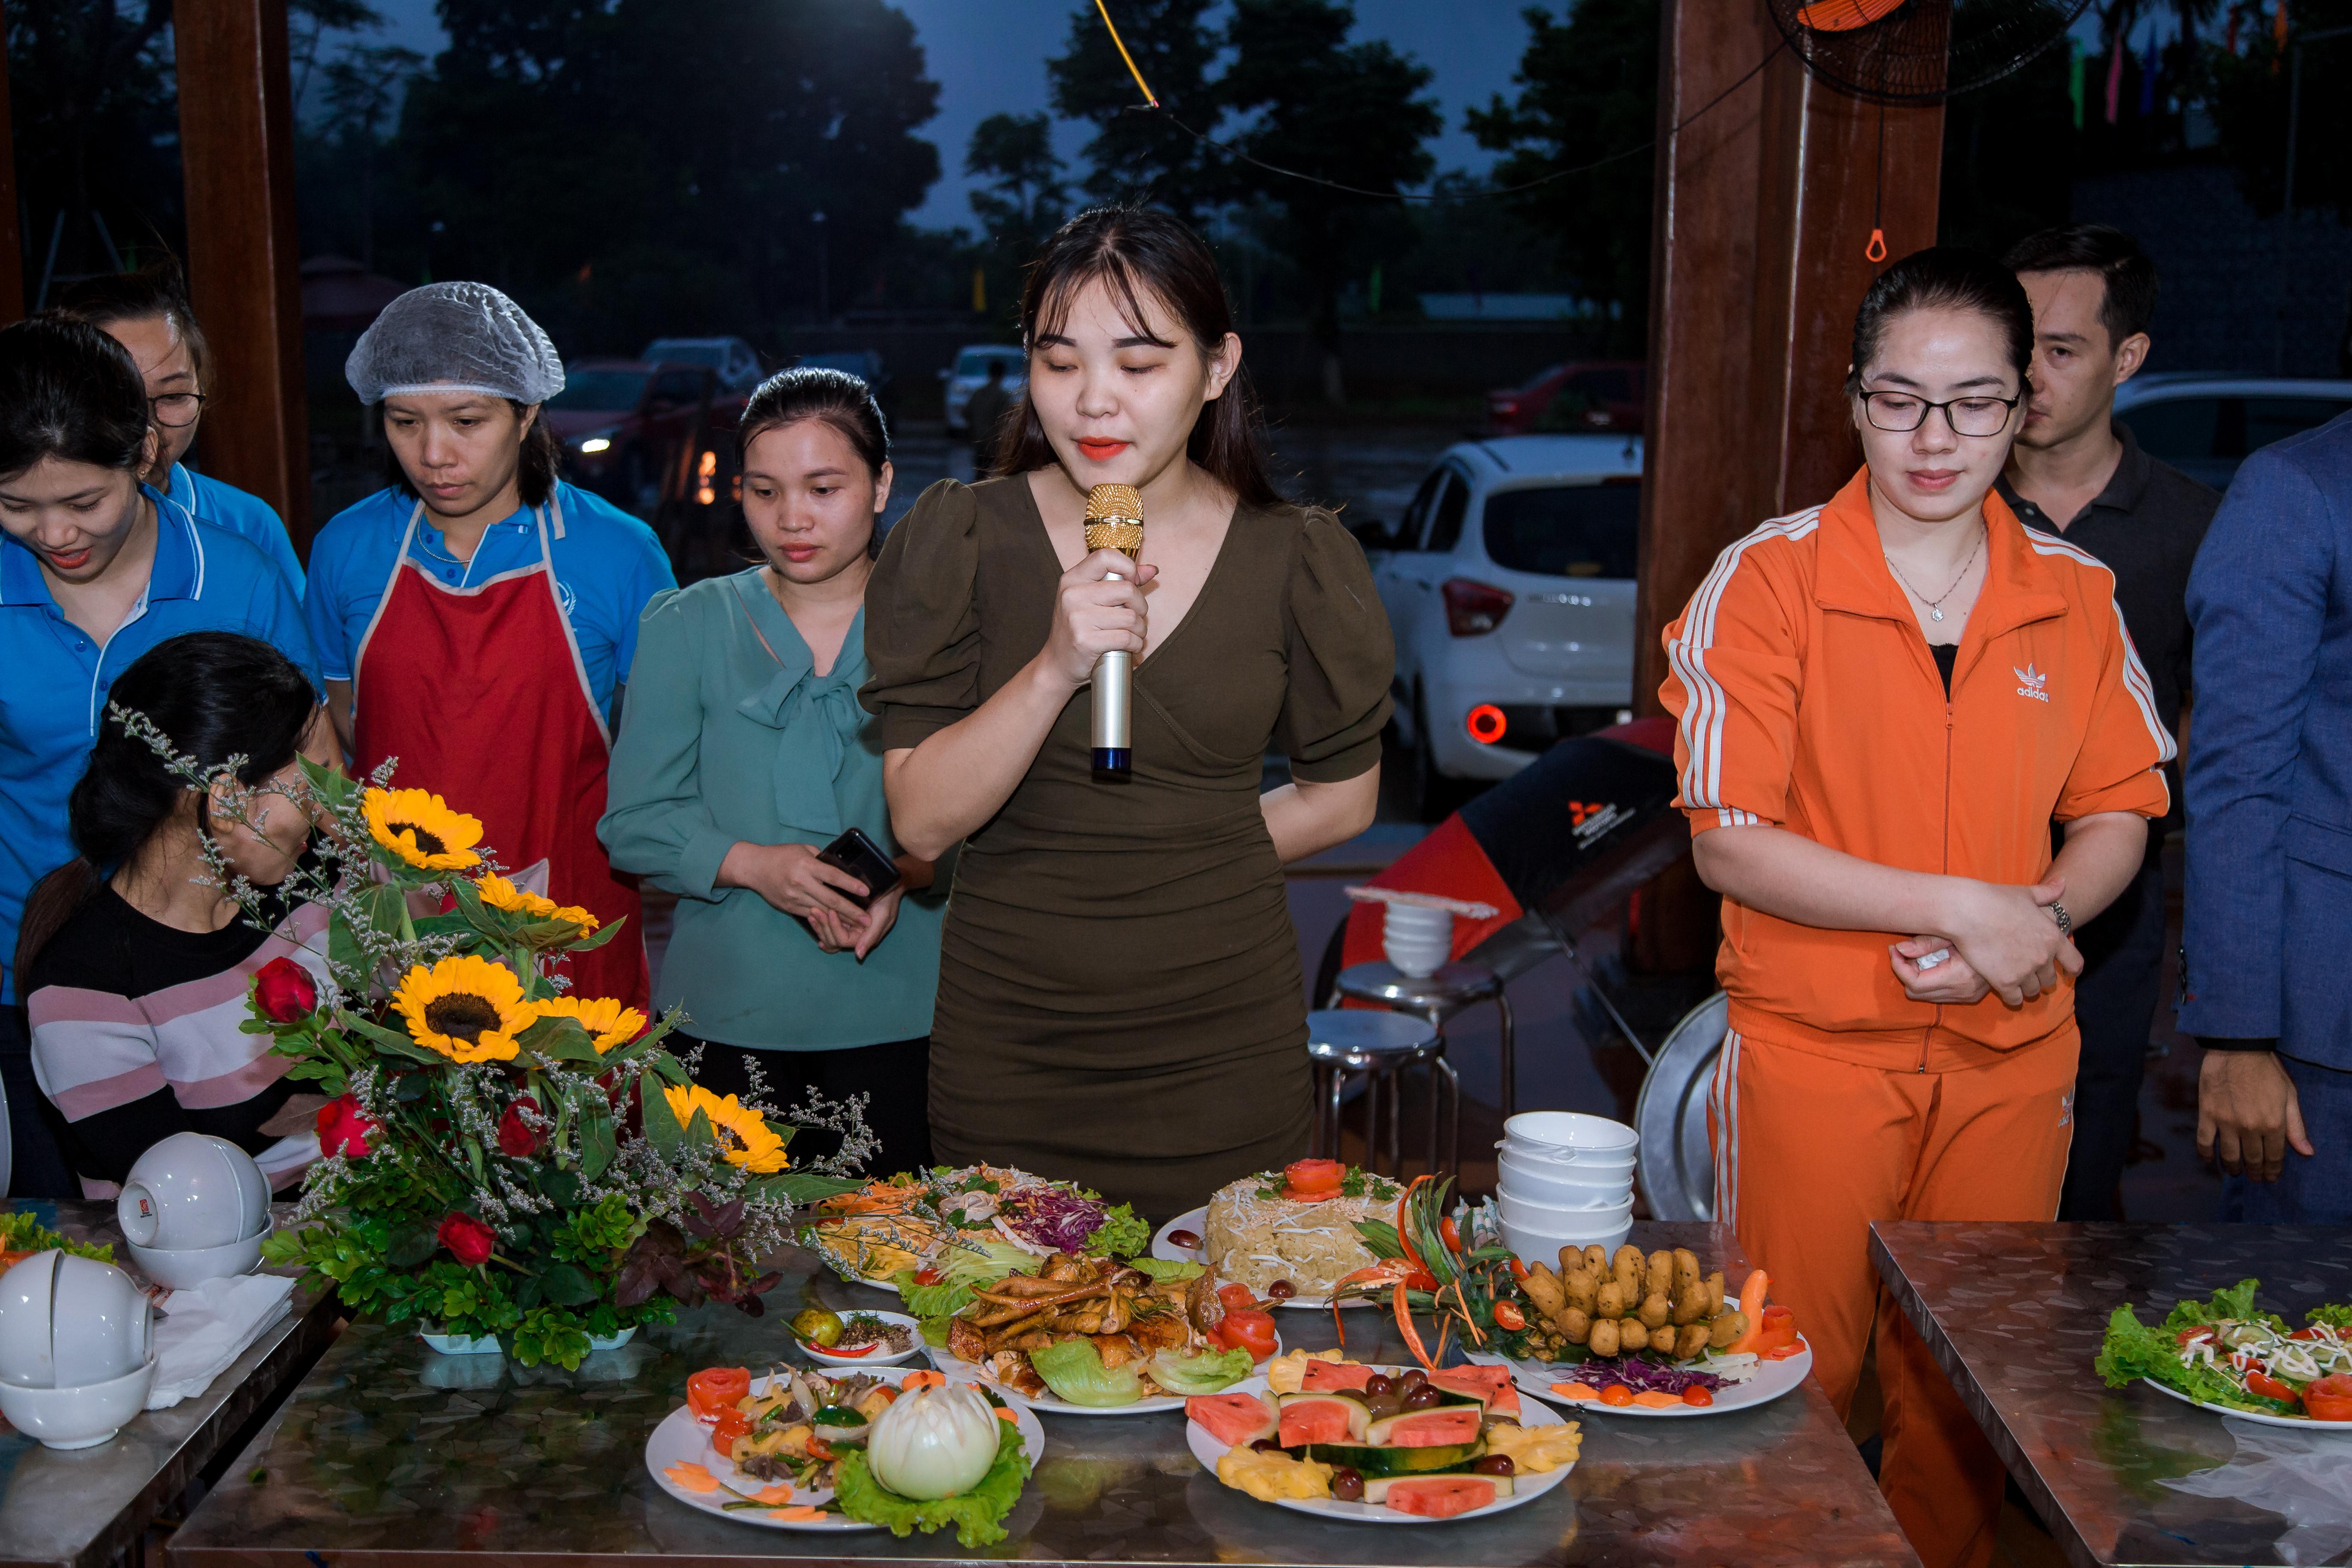 Tạp chí Kinh tế và Đồ uống và Trường Cao đẳng Công nghệ Y dược Việt Nam: Kỷ niệm Ngày Phụ nữ Việt Nam 20/10 - Ảnh 2